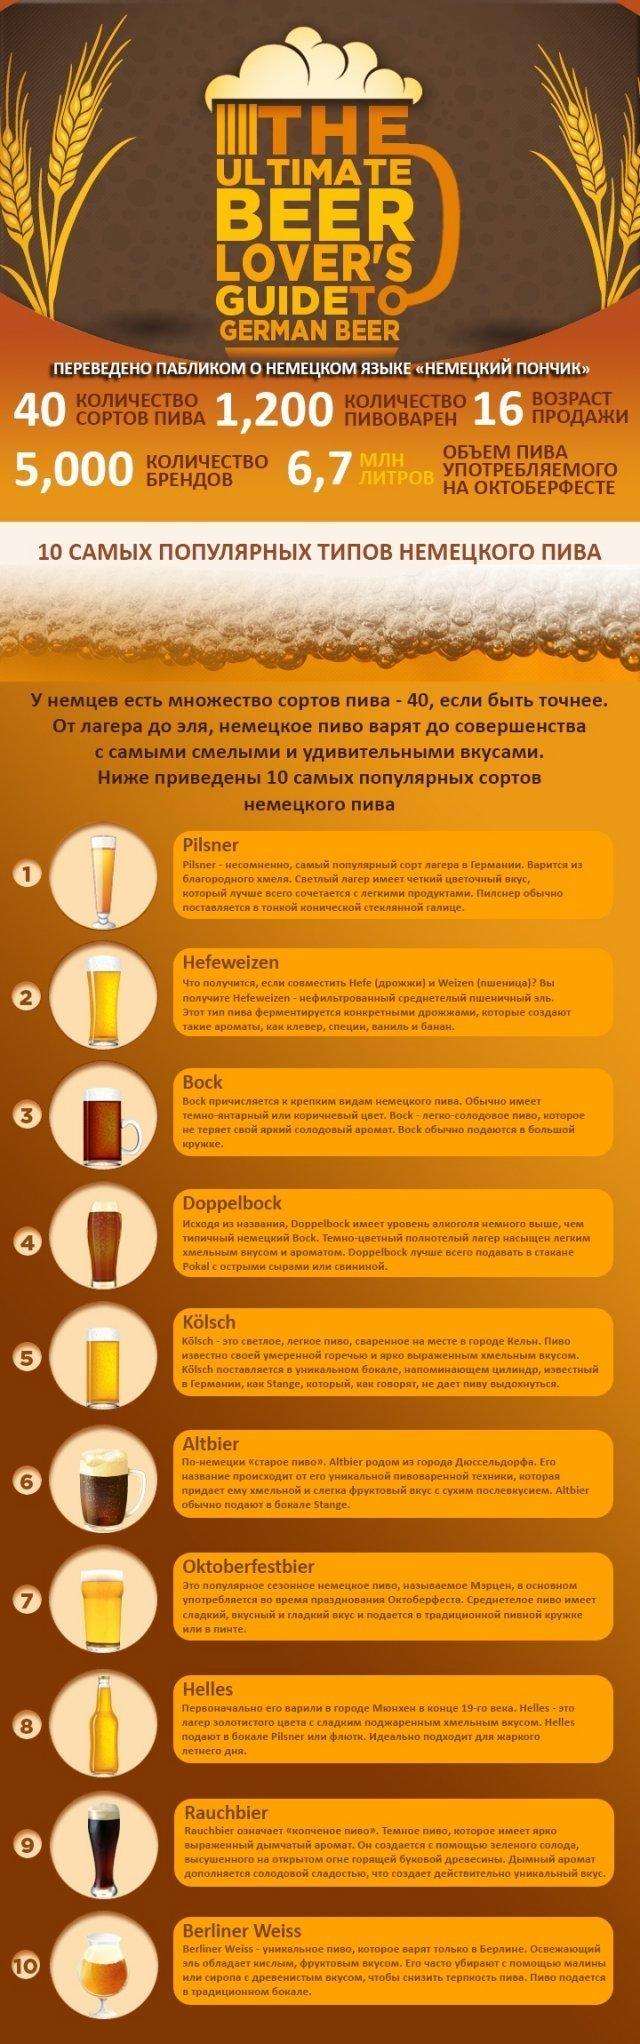 10 самых популярных сортов немецкого пива график, информация, факты